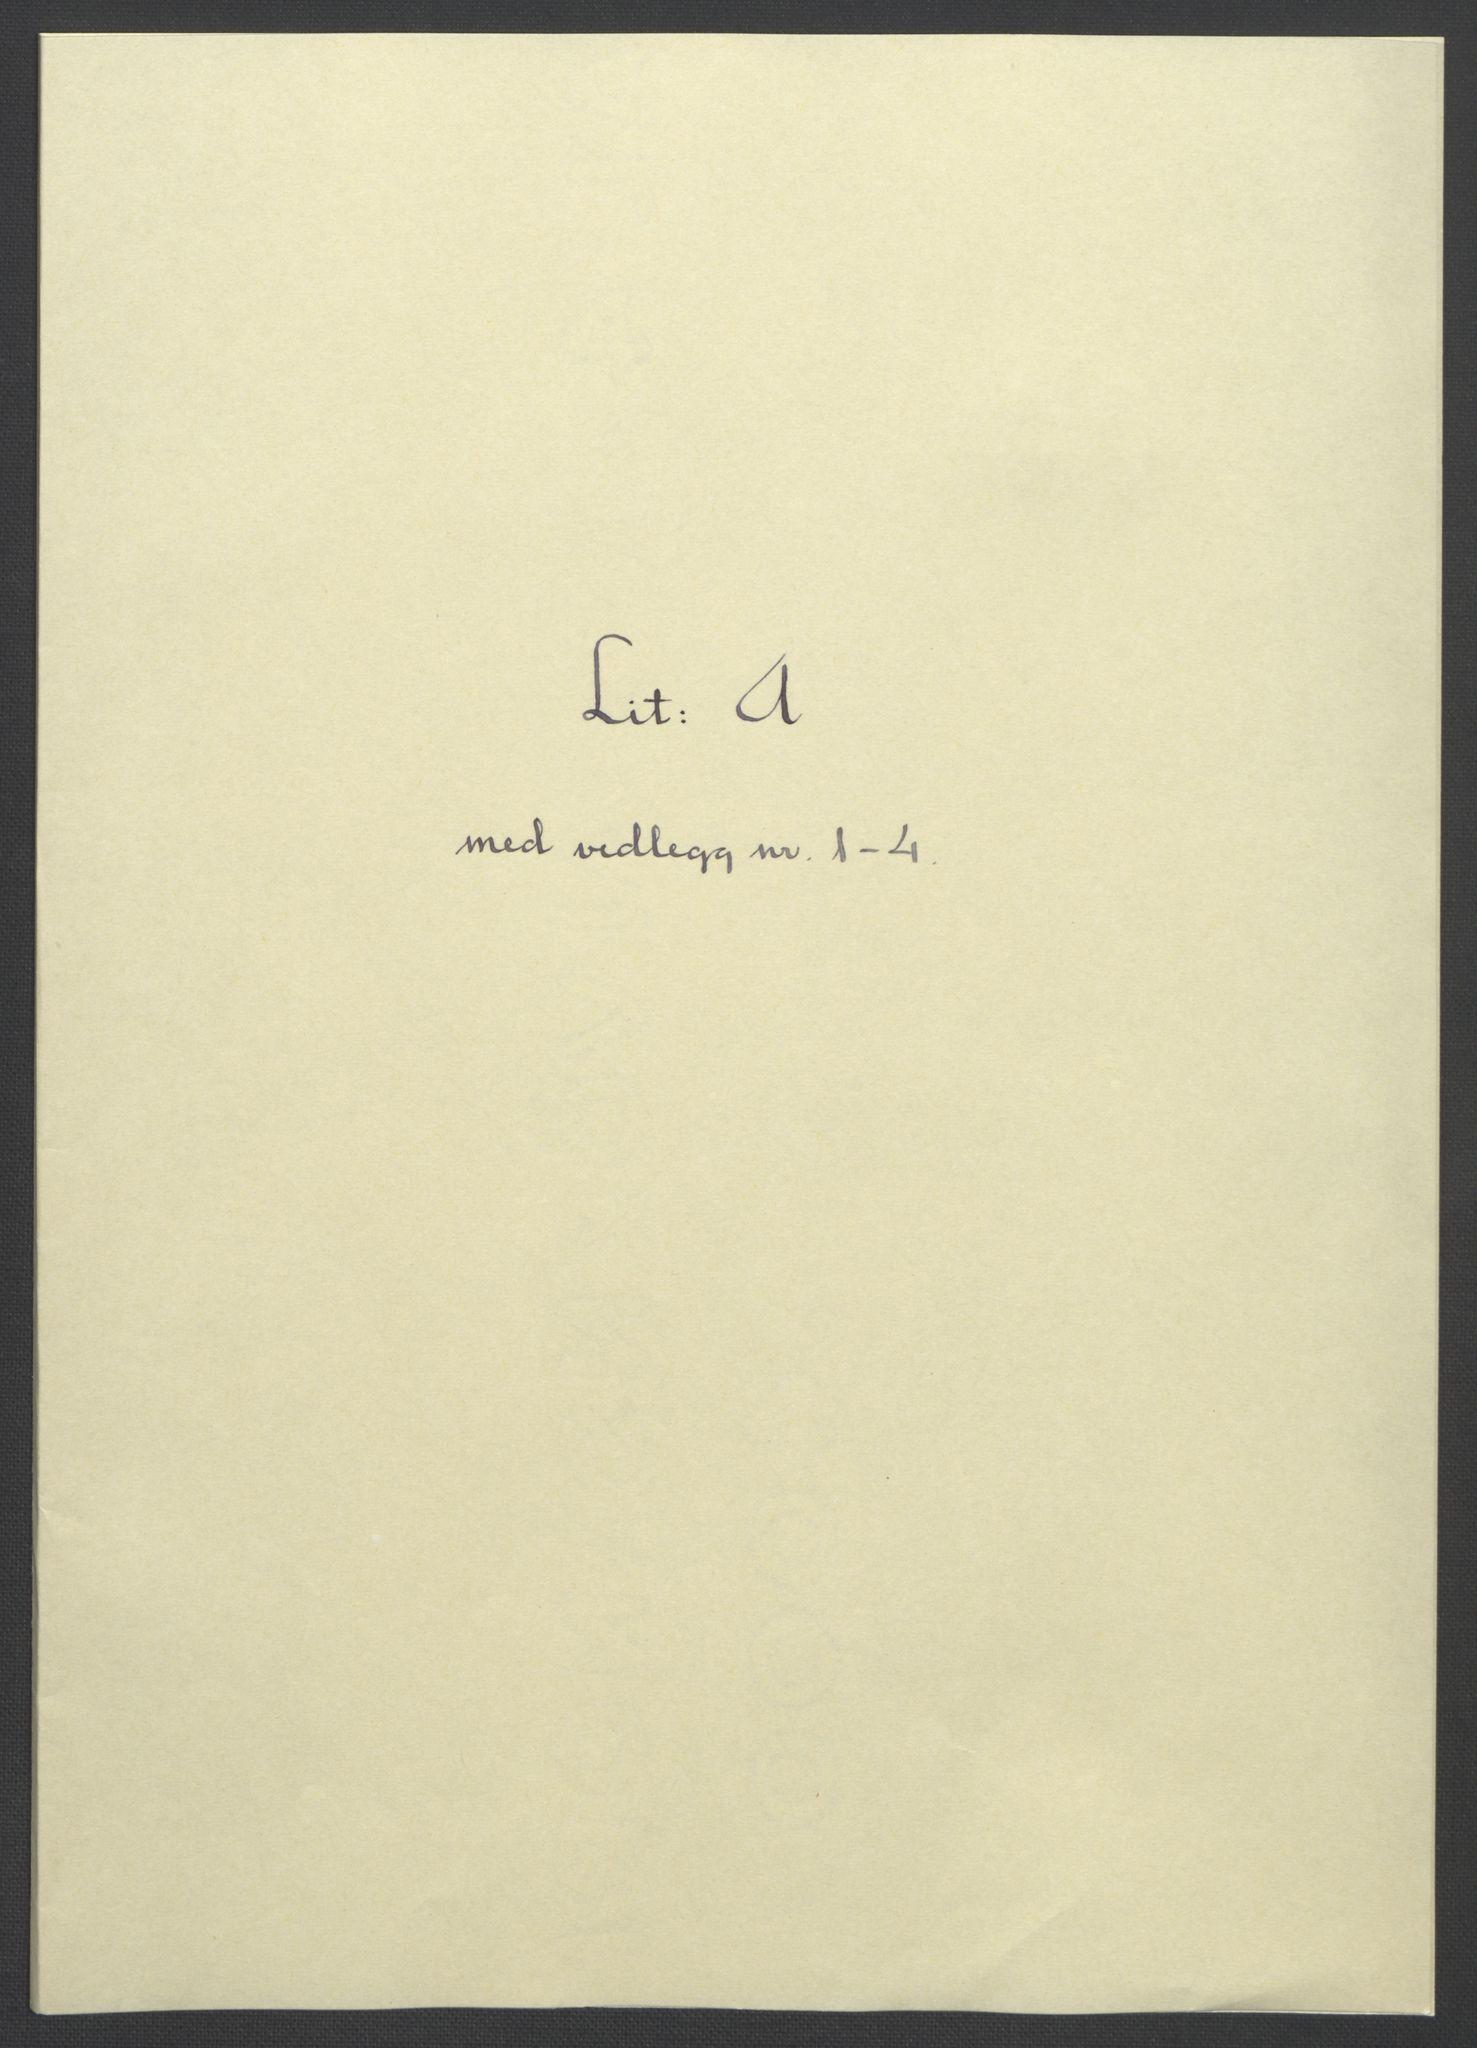 RA, Rentekammeret inntil 1814, Reviderte regnskaper, Fogderegnskap, R53/L3420: Fogderegnskap Sunn- og Nordfjord, 1691-1692, s. 140